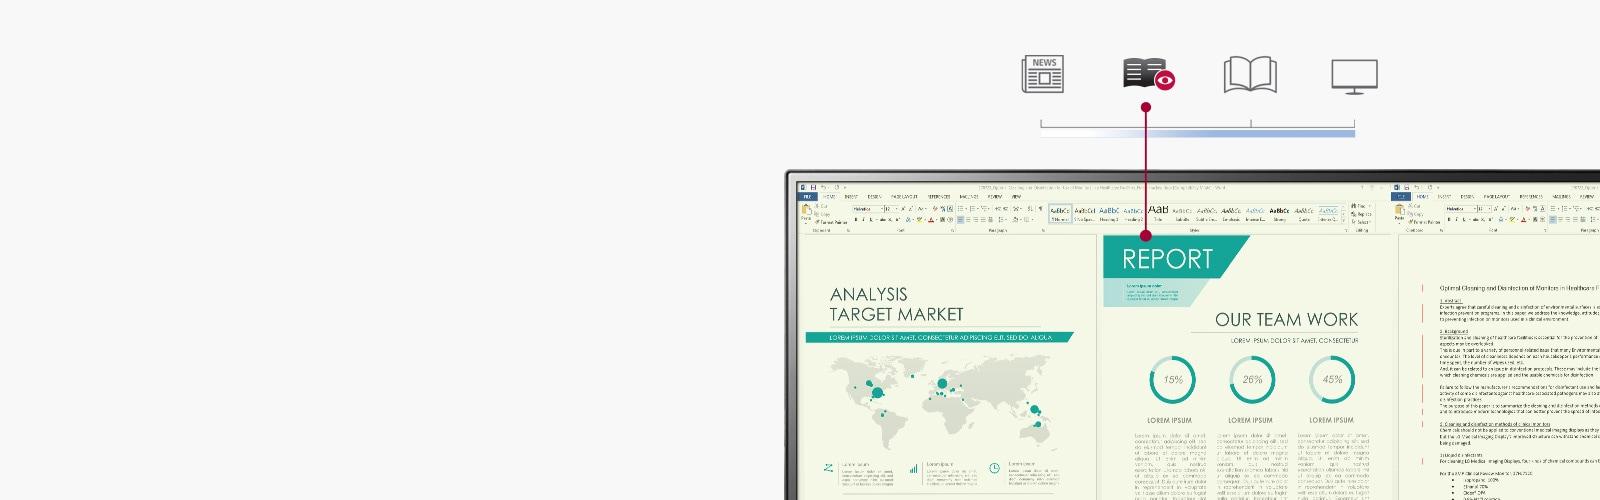 Báo cáo công việc hiển thị trên màn hình giảm phát ánh sáng xanh với nhiệt độ màu tương tự như trên giấy, so với chế độ thông thường